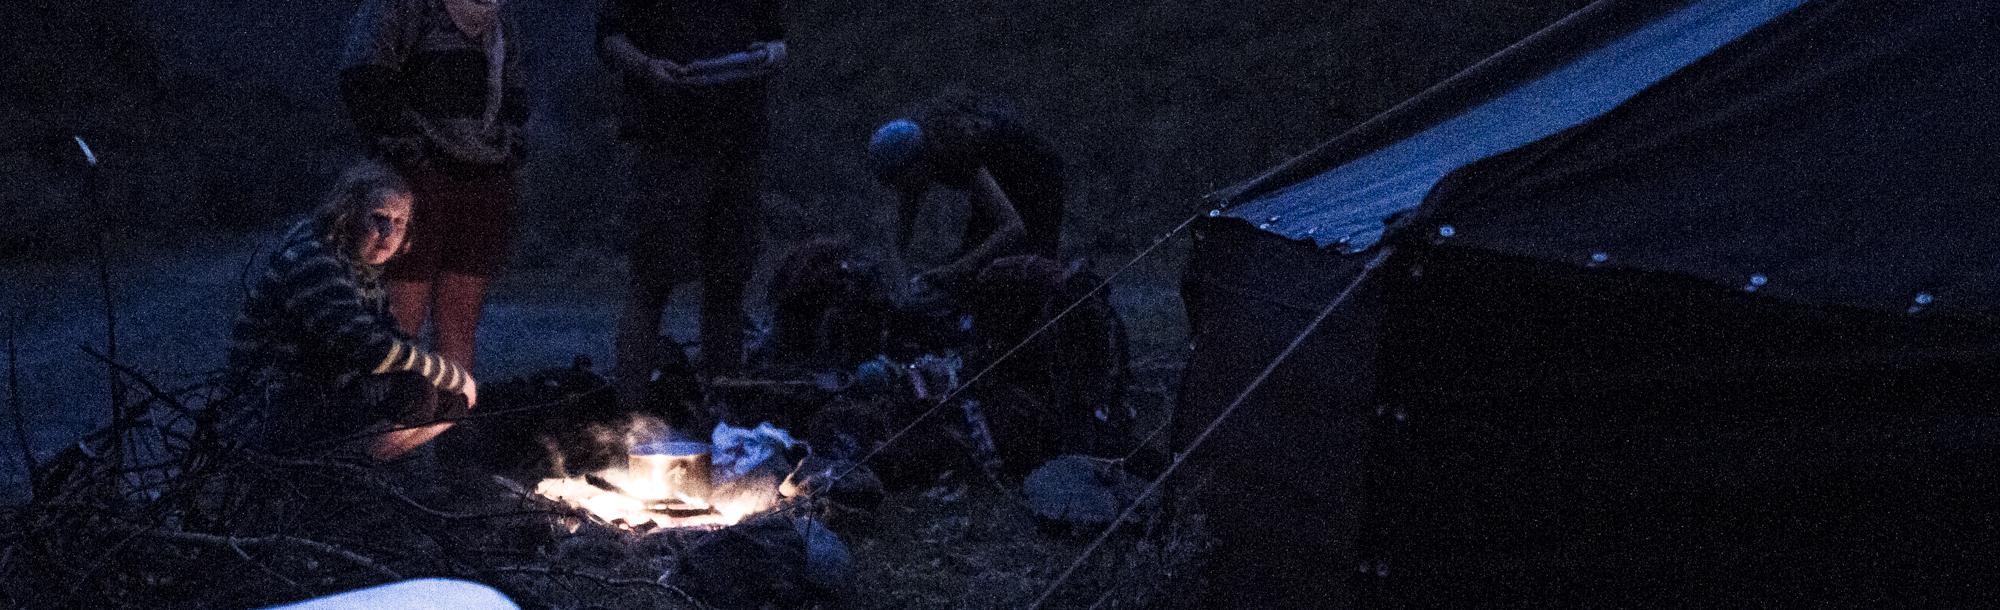 Wir kochen über dem Feuer neben unserer Jurte.